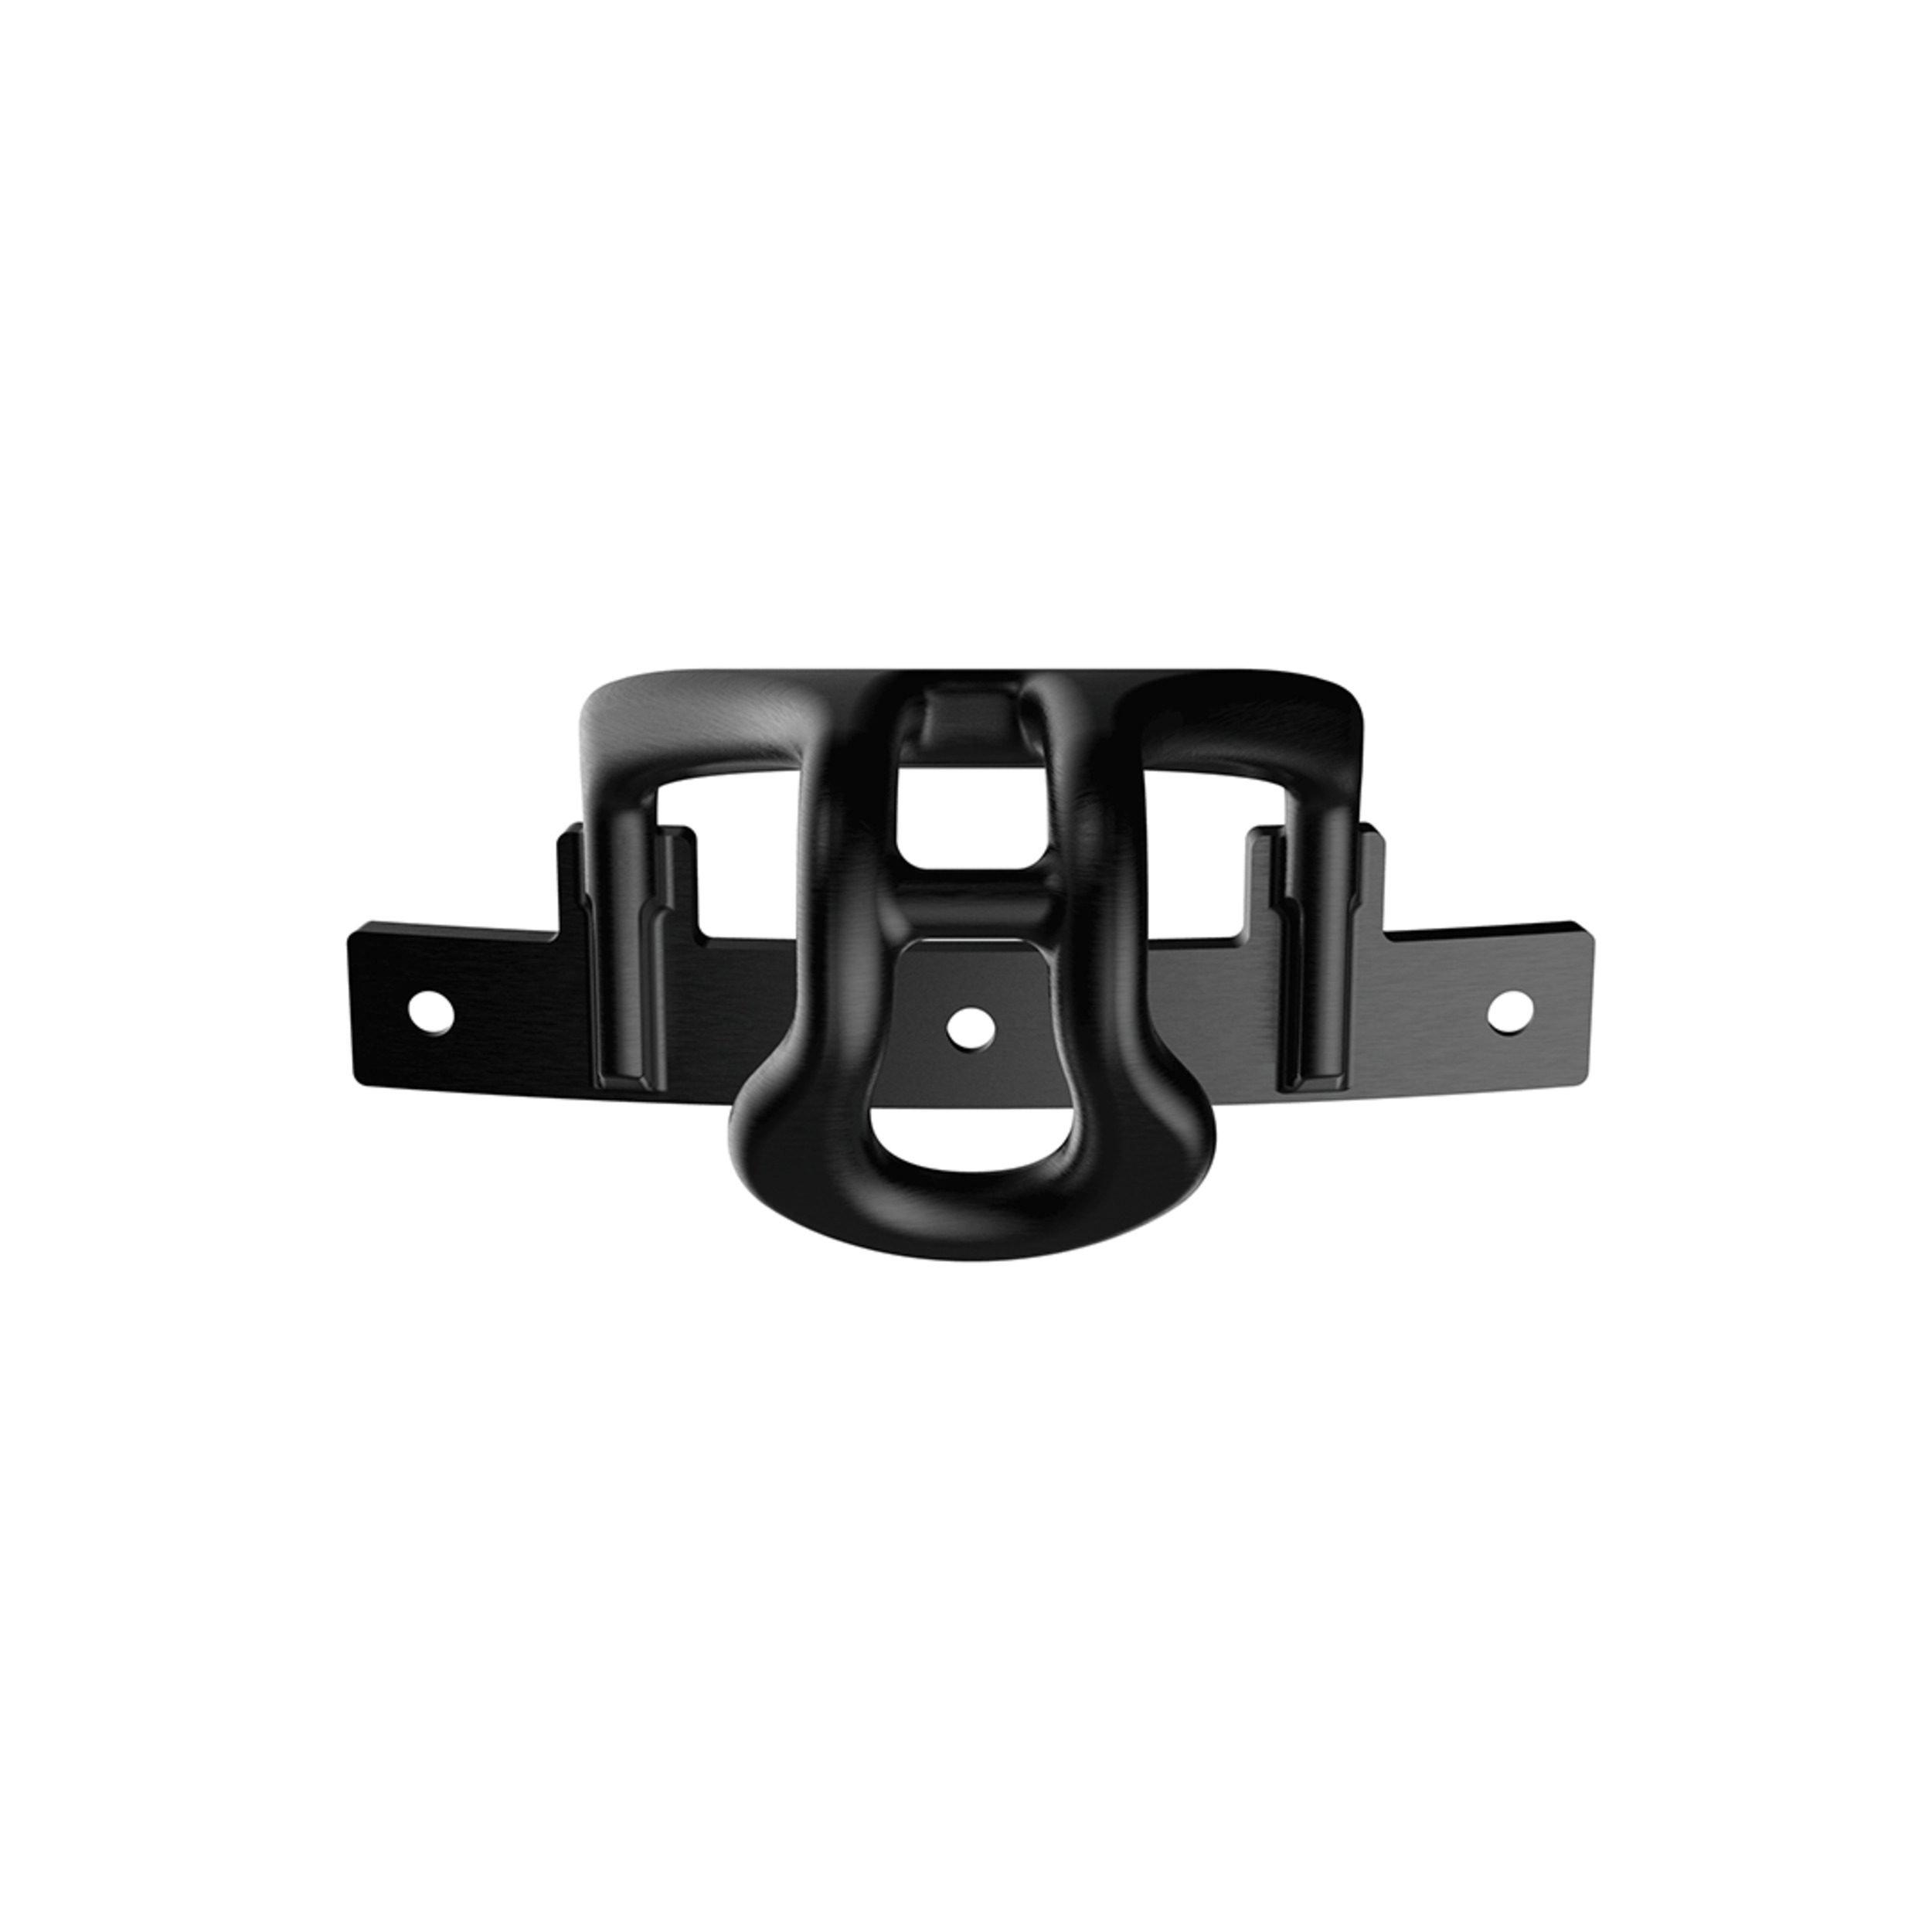 ION Aluminium Hook 2.0 Kitesurf für ION Trapeze mit C-Bar oder Spectre Bar